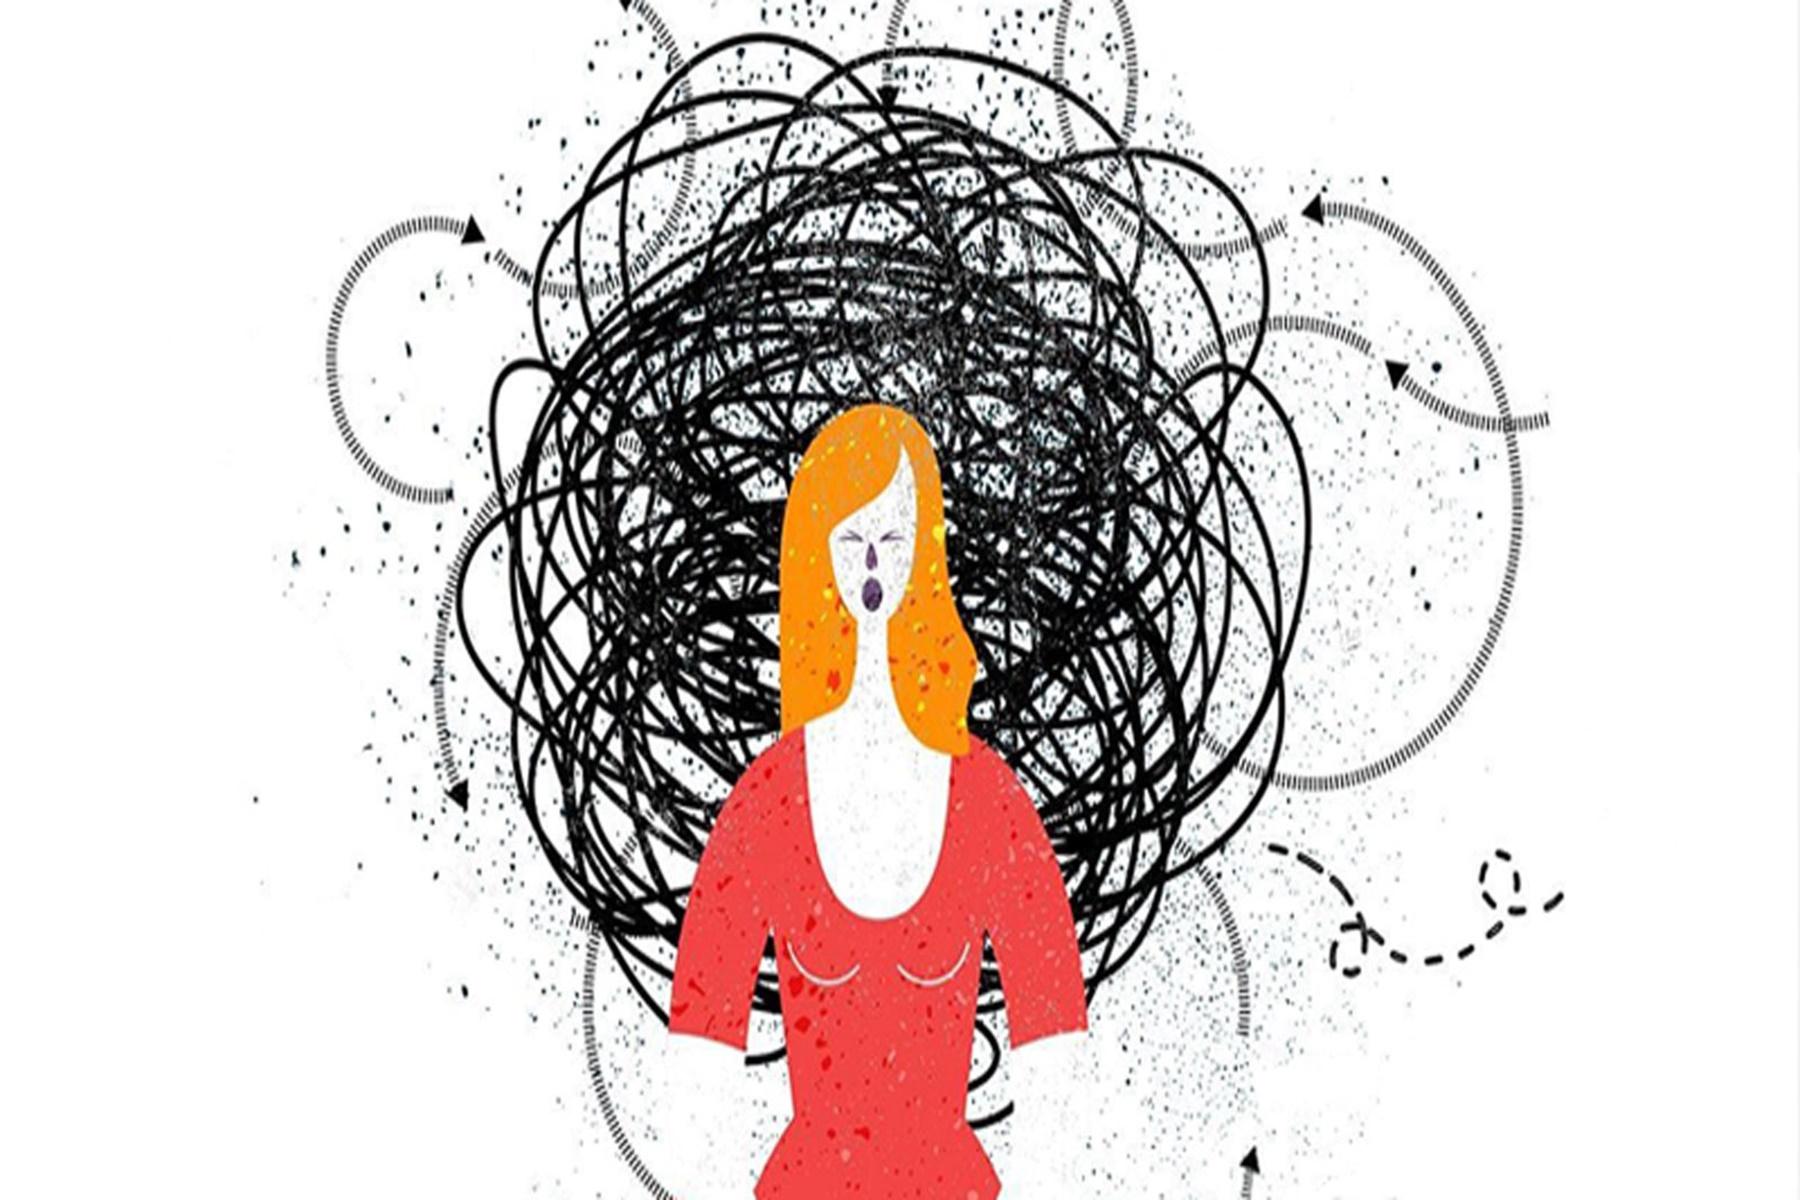 Ψυχιατρική αγωγή : Η μέθοδος που απελευθερώνει το πνεύμα σας